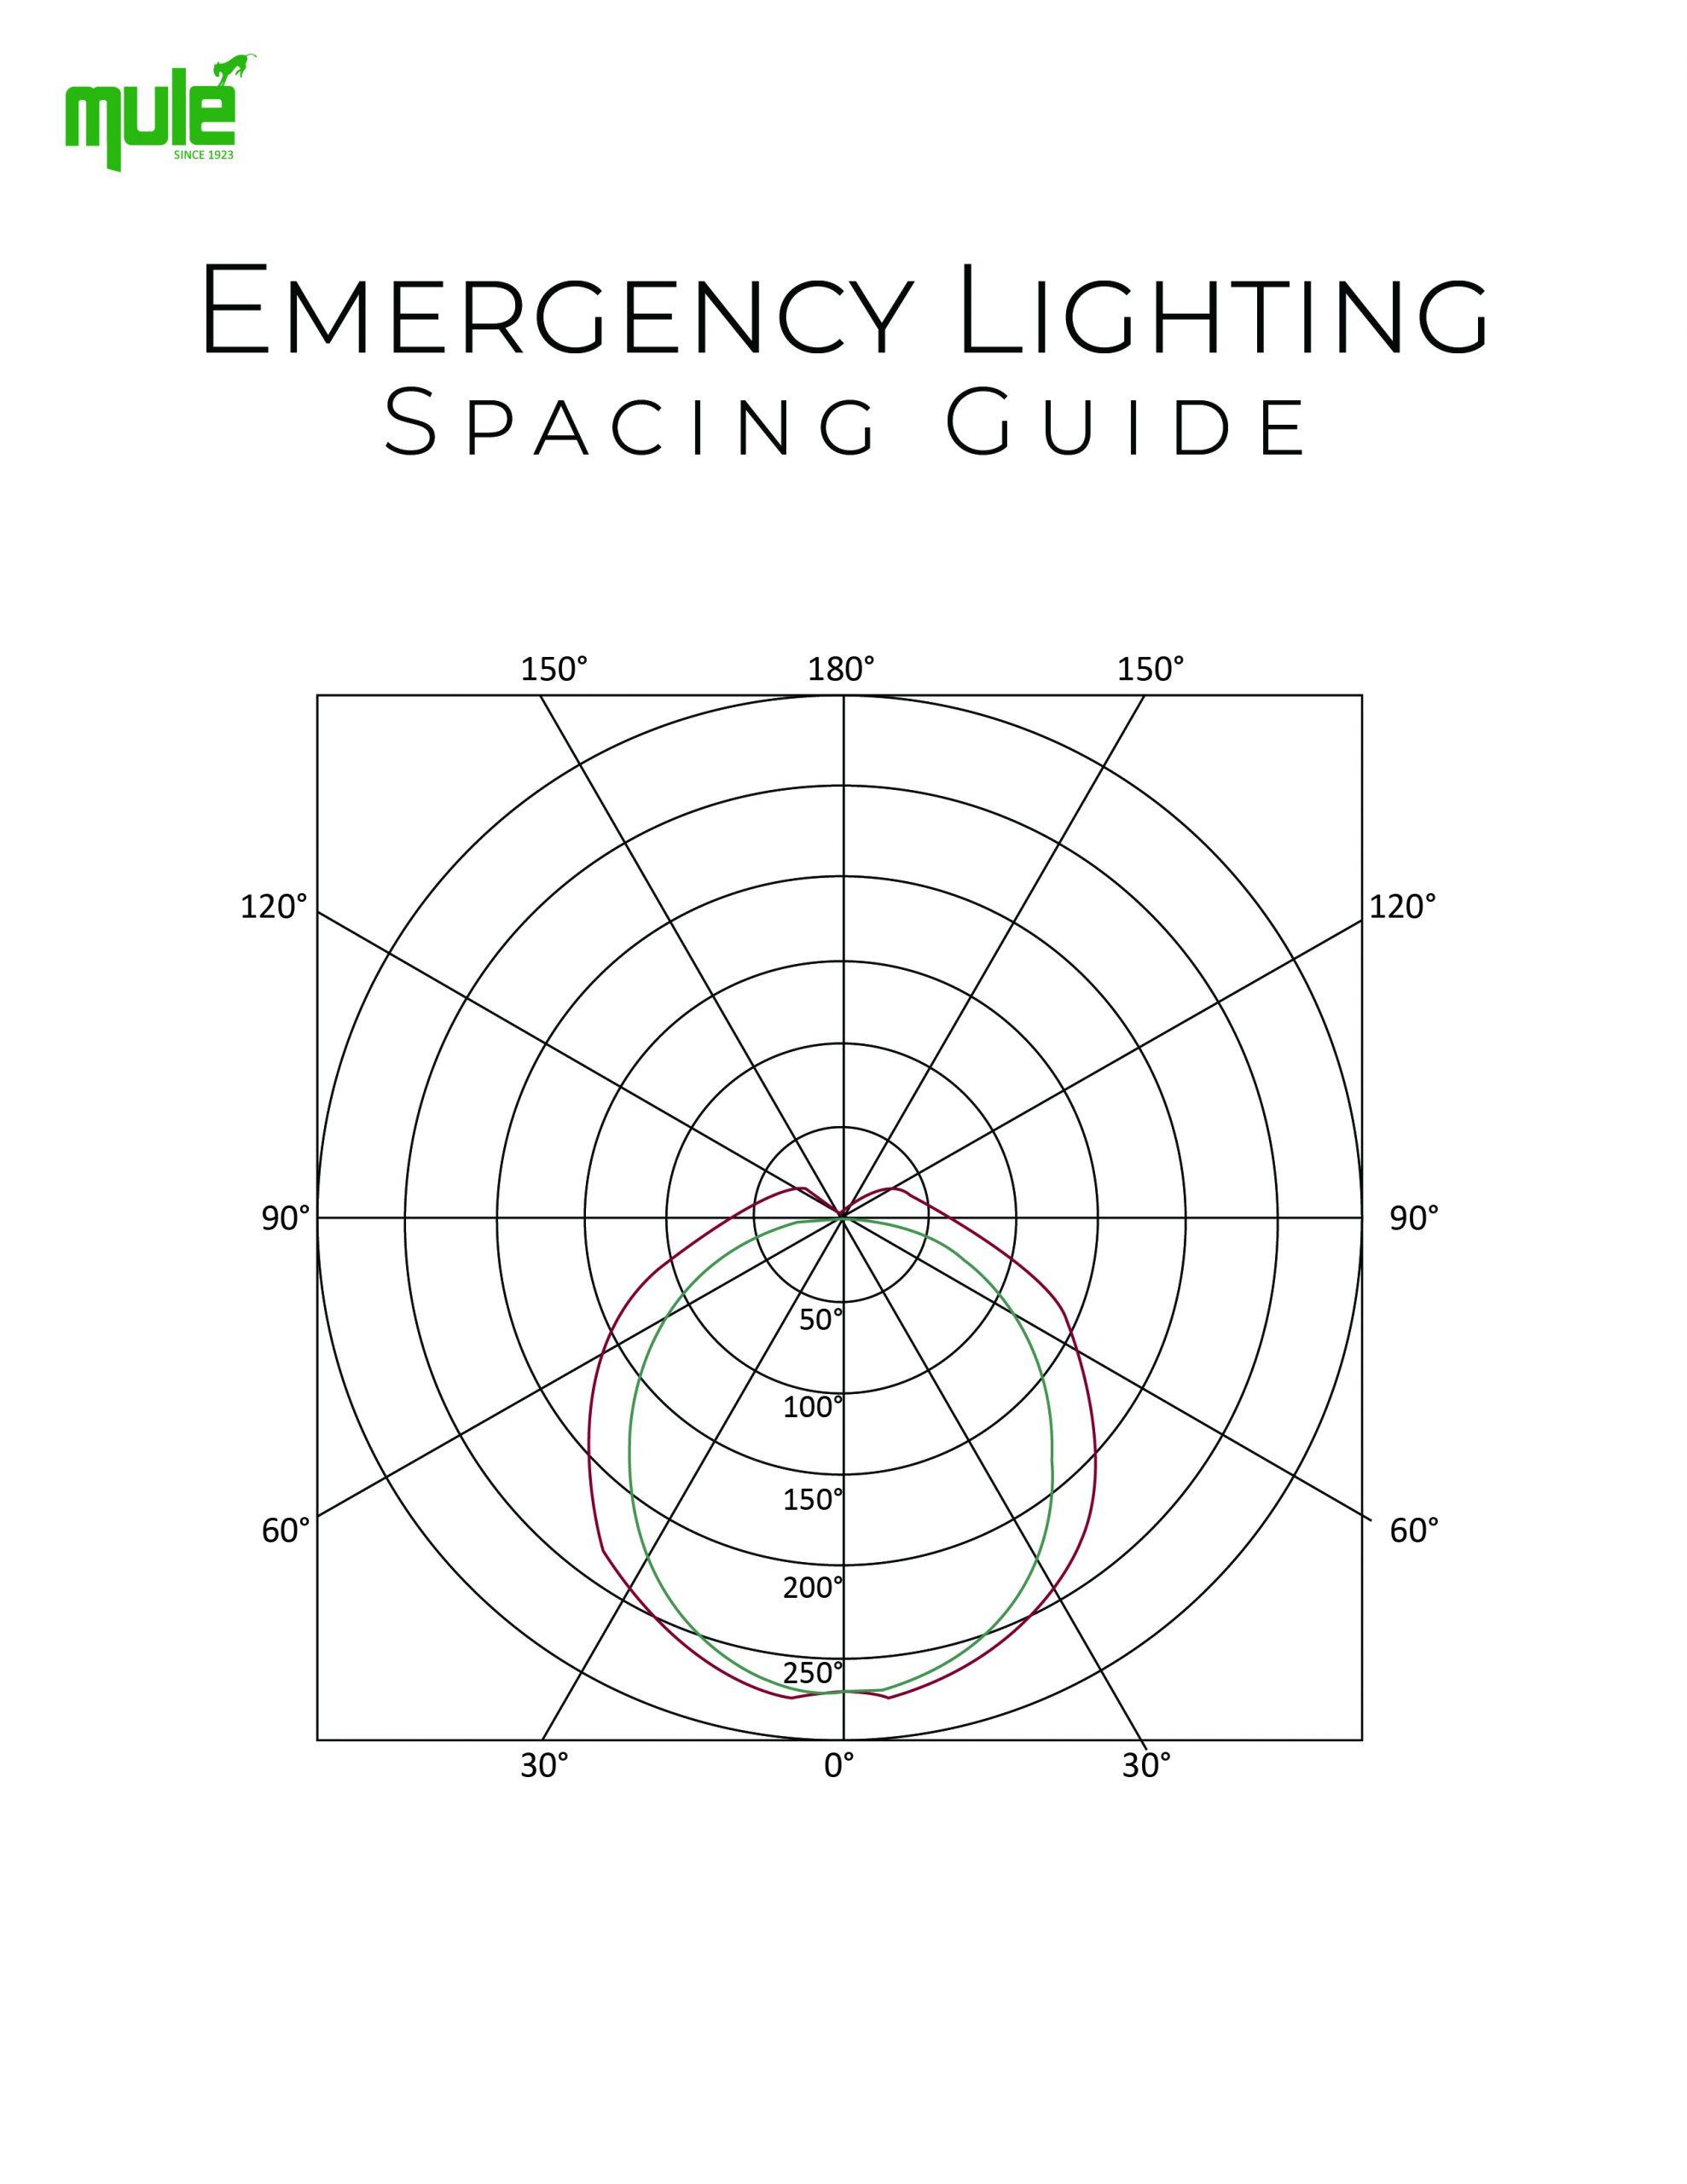 Mule Lighting - Emergency Lighting Spacing Guide